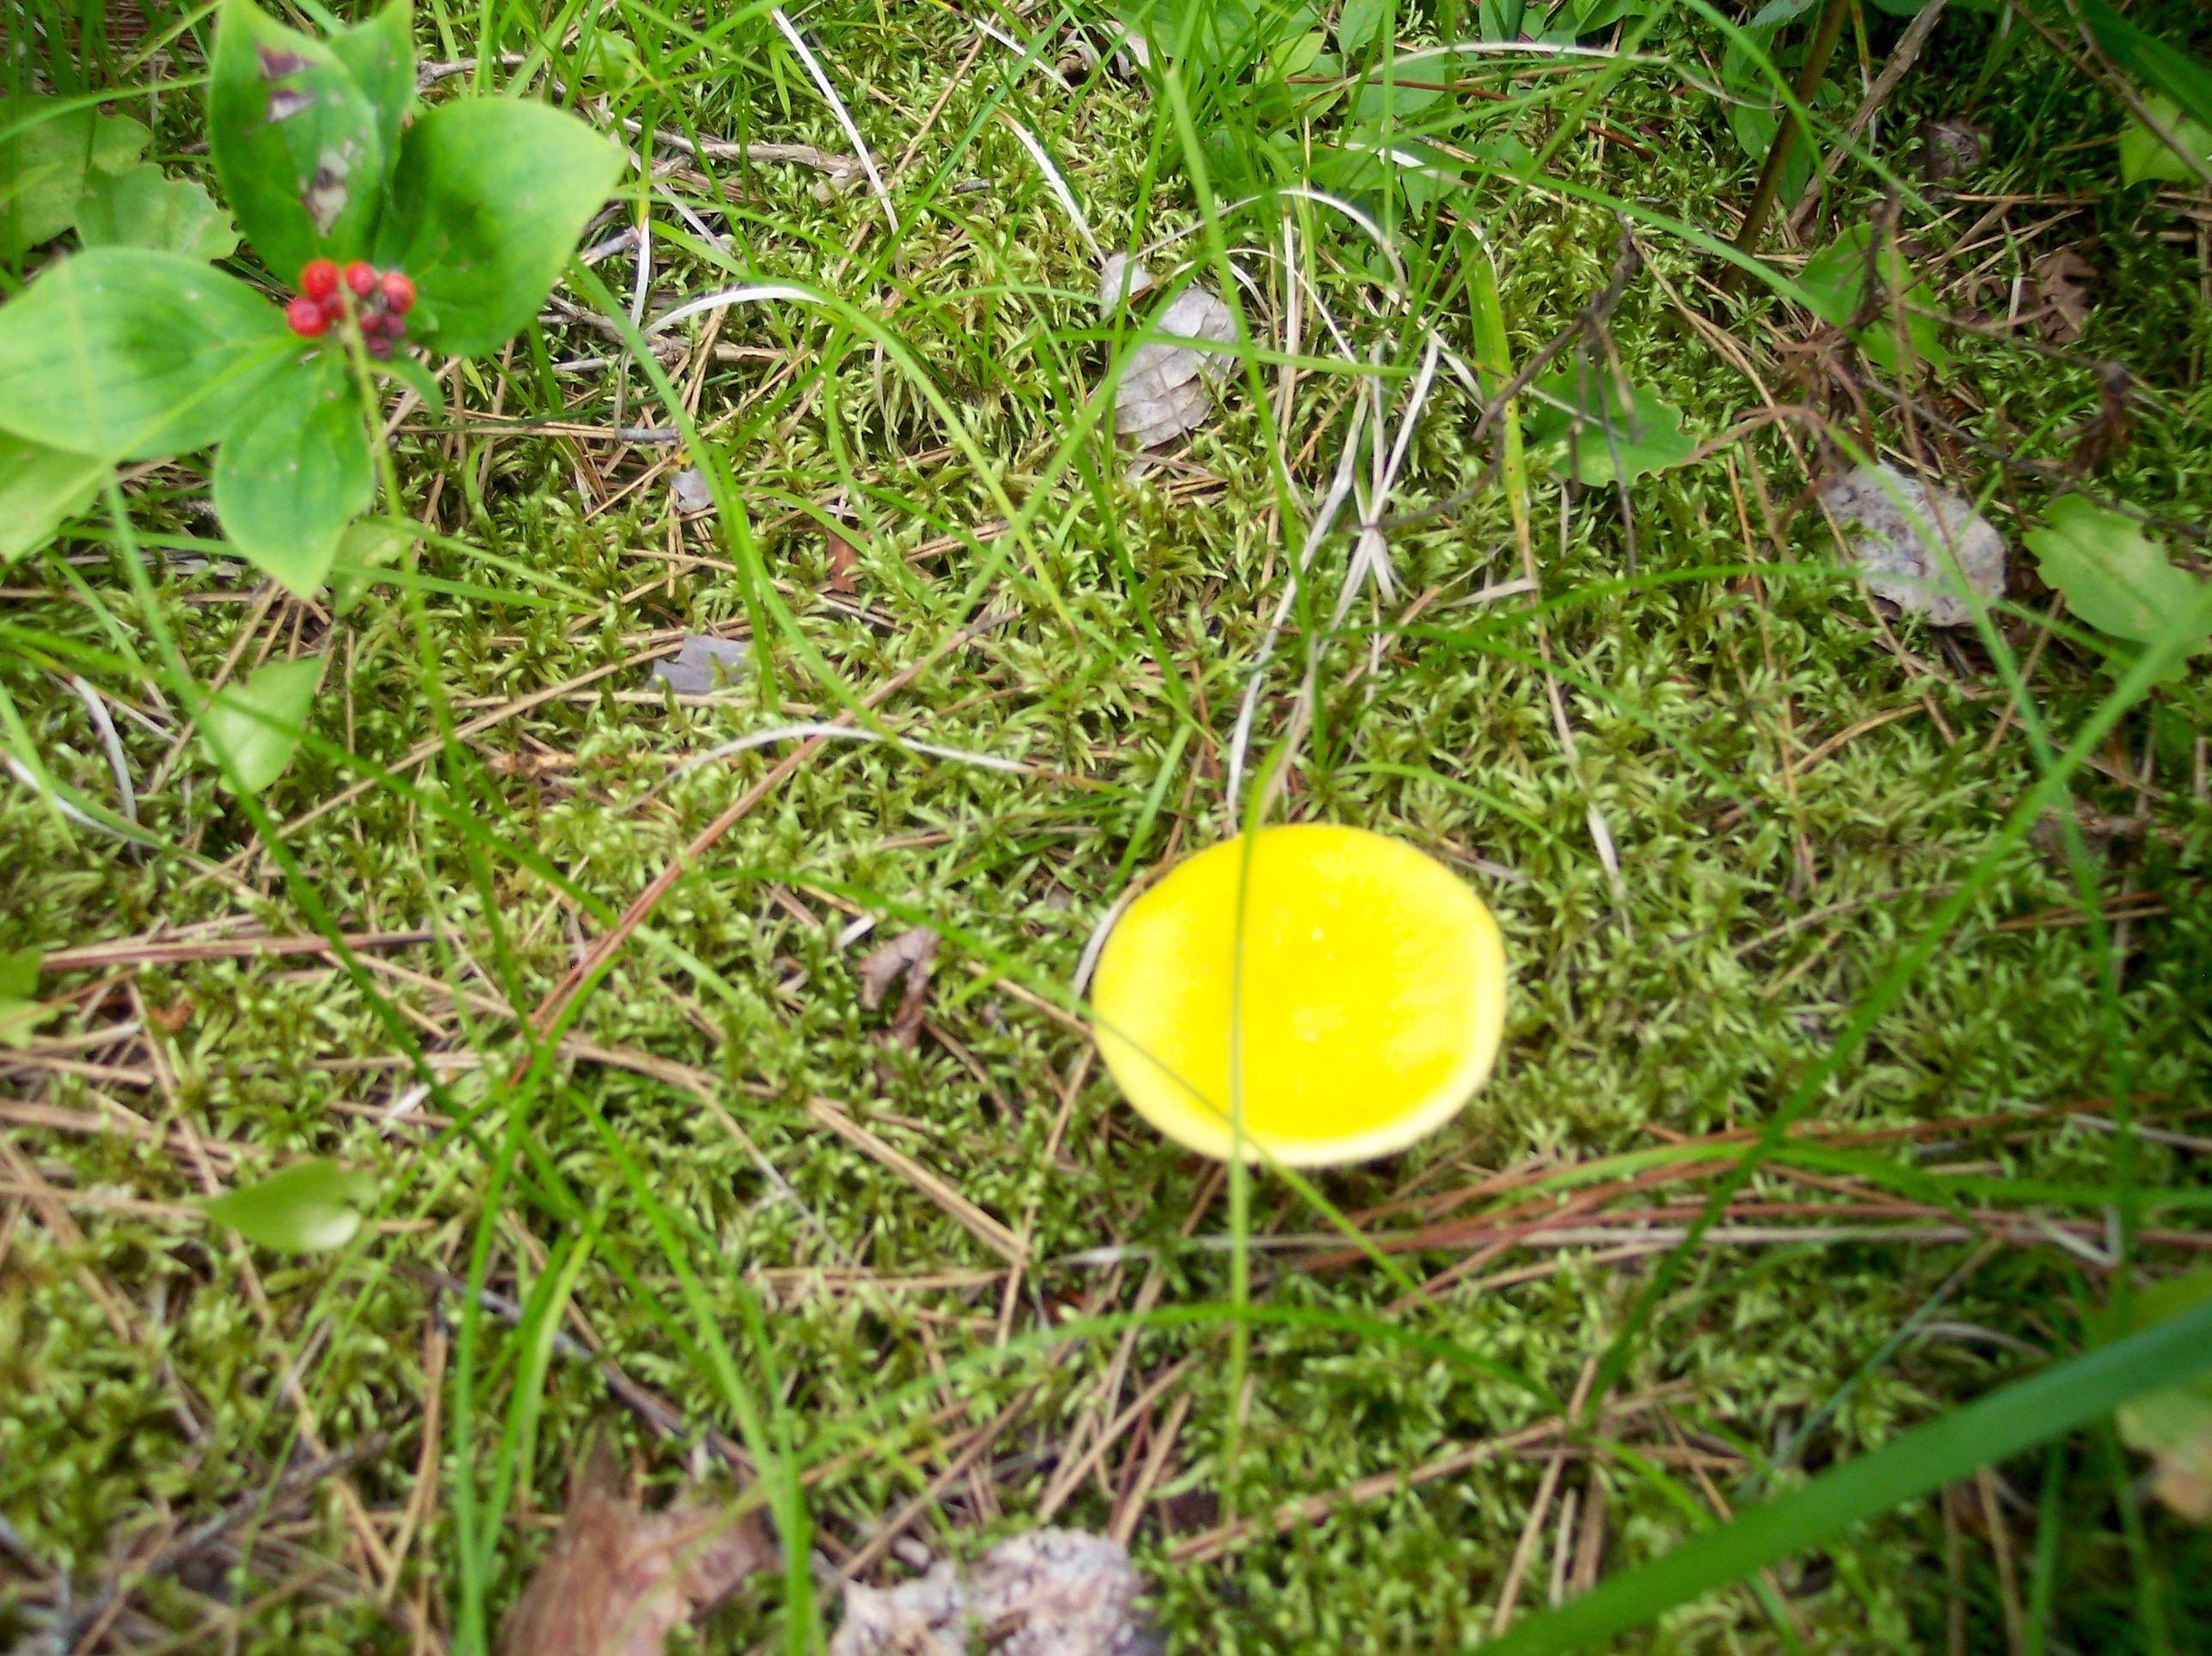 Yellow mushroom and red berries